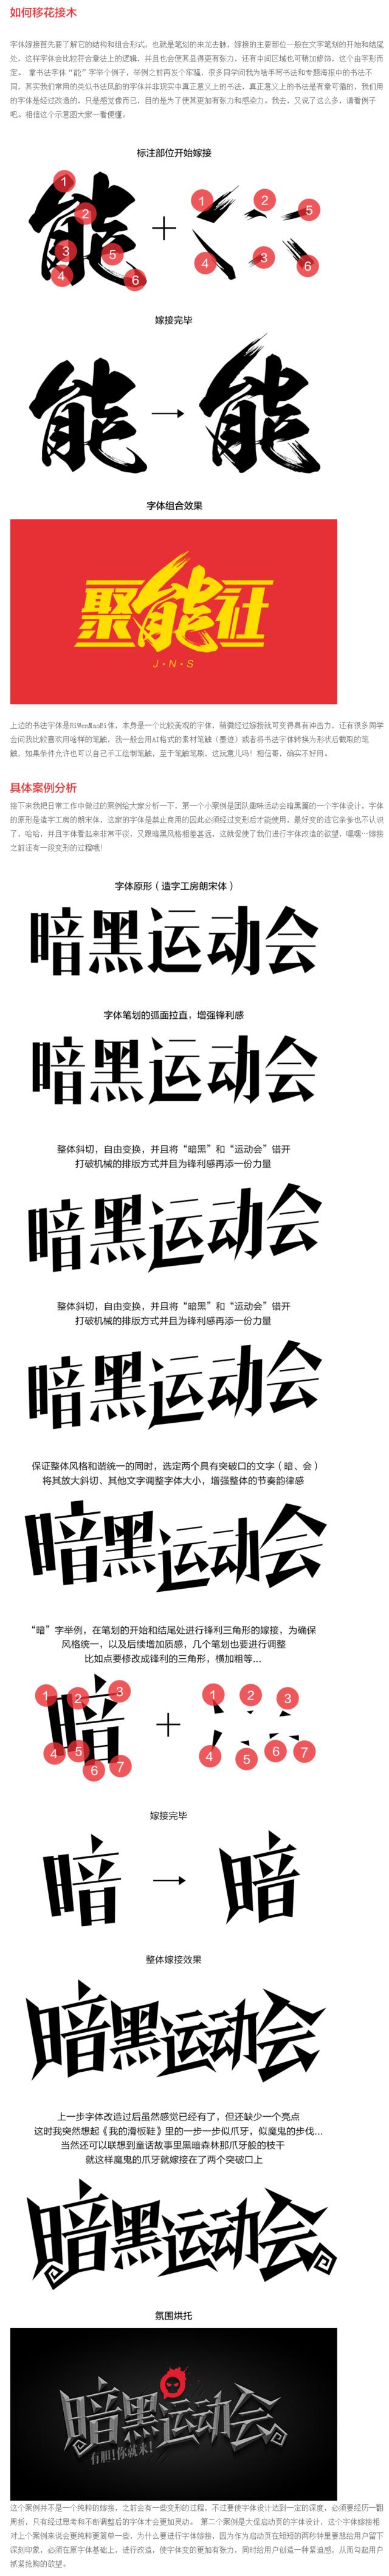 字體設計第1戰-移花接木|工作技巧|酷友觀點/經驗|阿里巴巴1688UED - 設計文章/教程分享 - 站酷 (ZCOOL) | Japanese ...